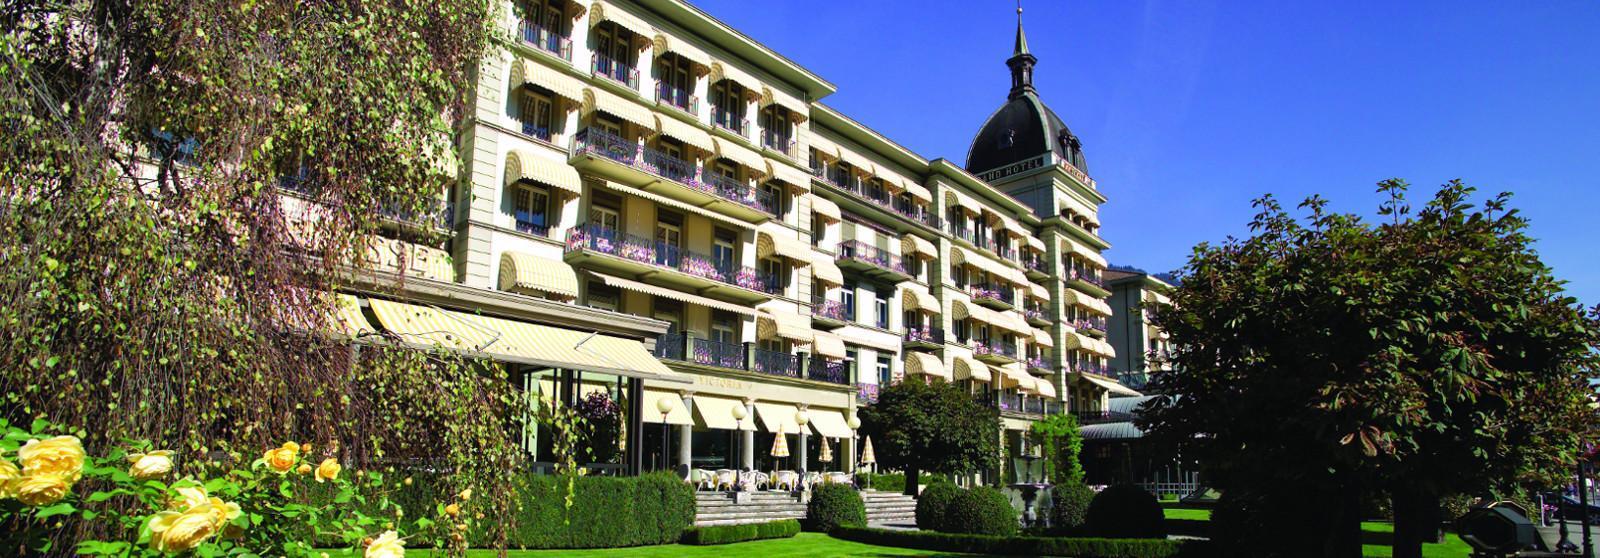 维多利亚少女峰山墅温泉酒店(Victoria-Jungfrau Grand Hotel and Spa) 酒店外观图片  www.lhw.cn